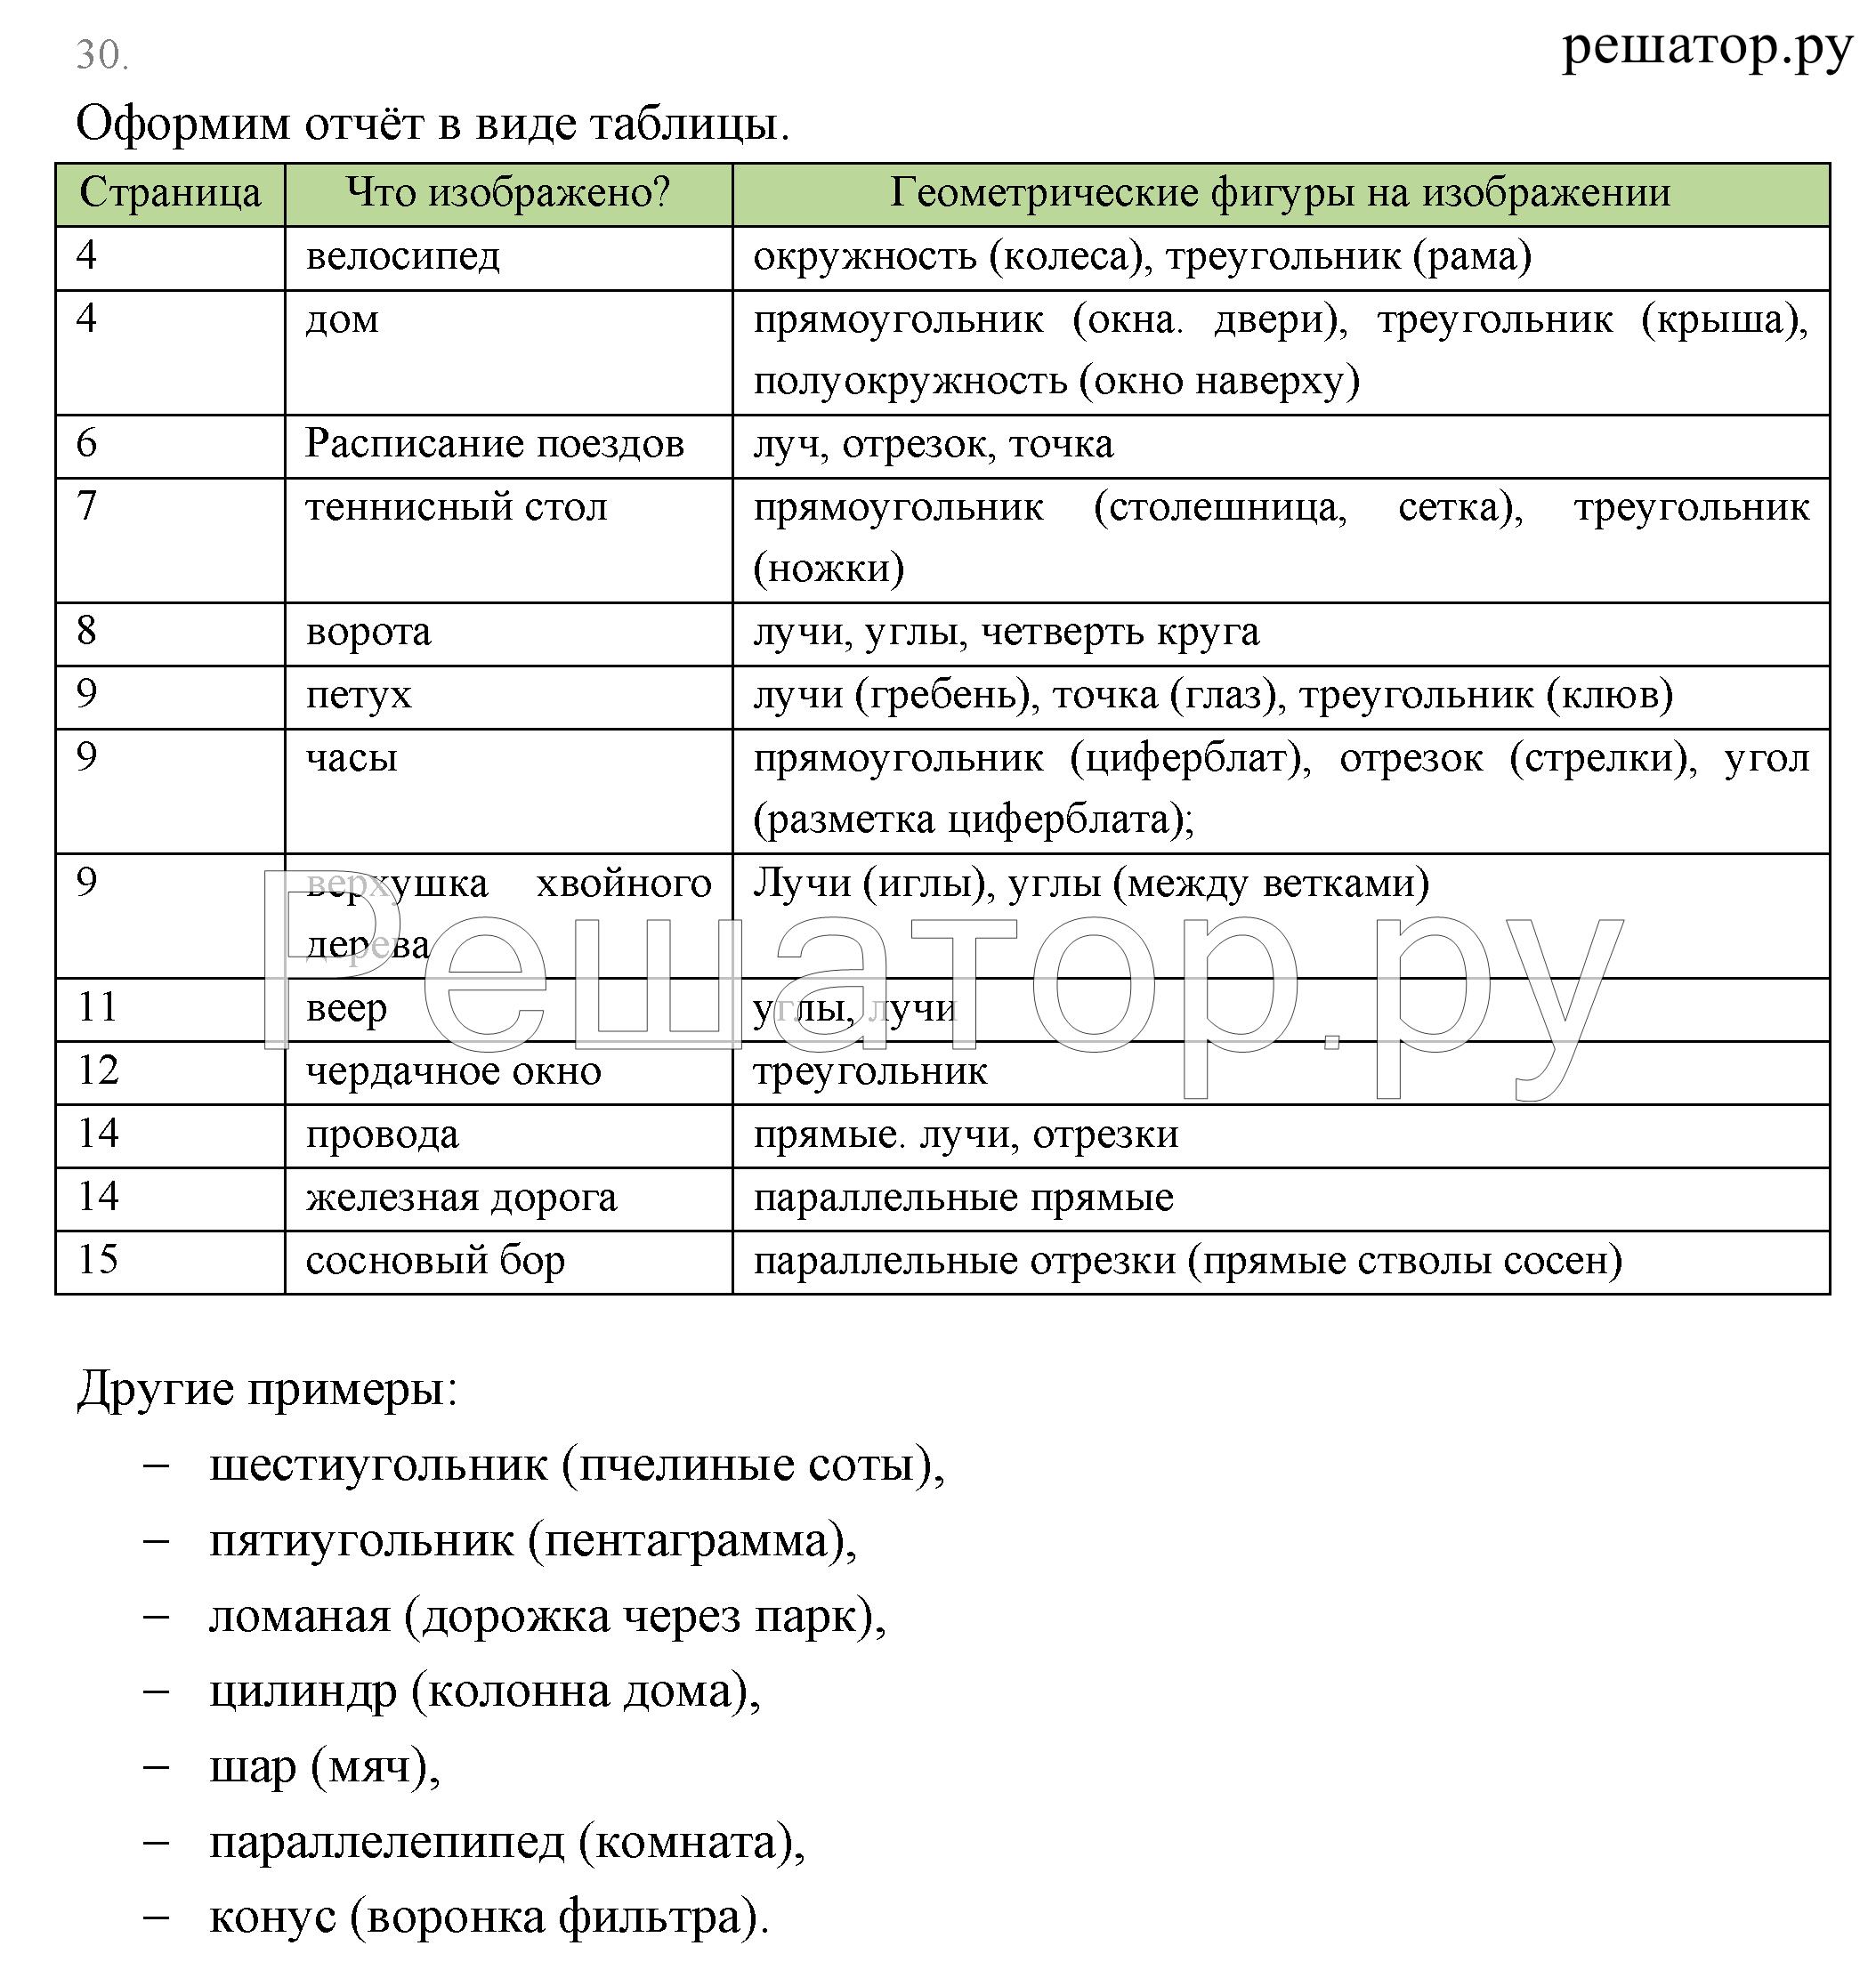 контрольная работа по геометрии 8 класс погорелов ответы 2 вариант